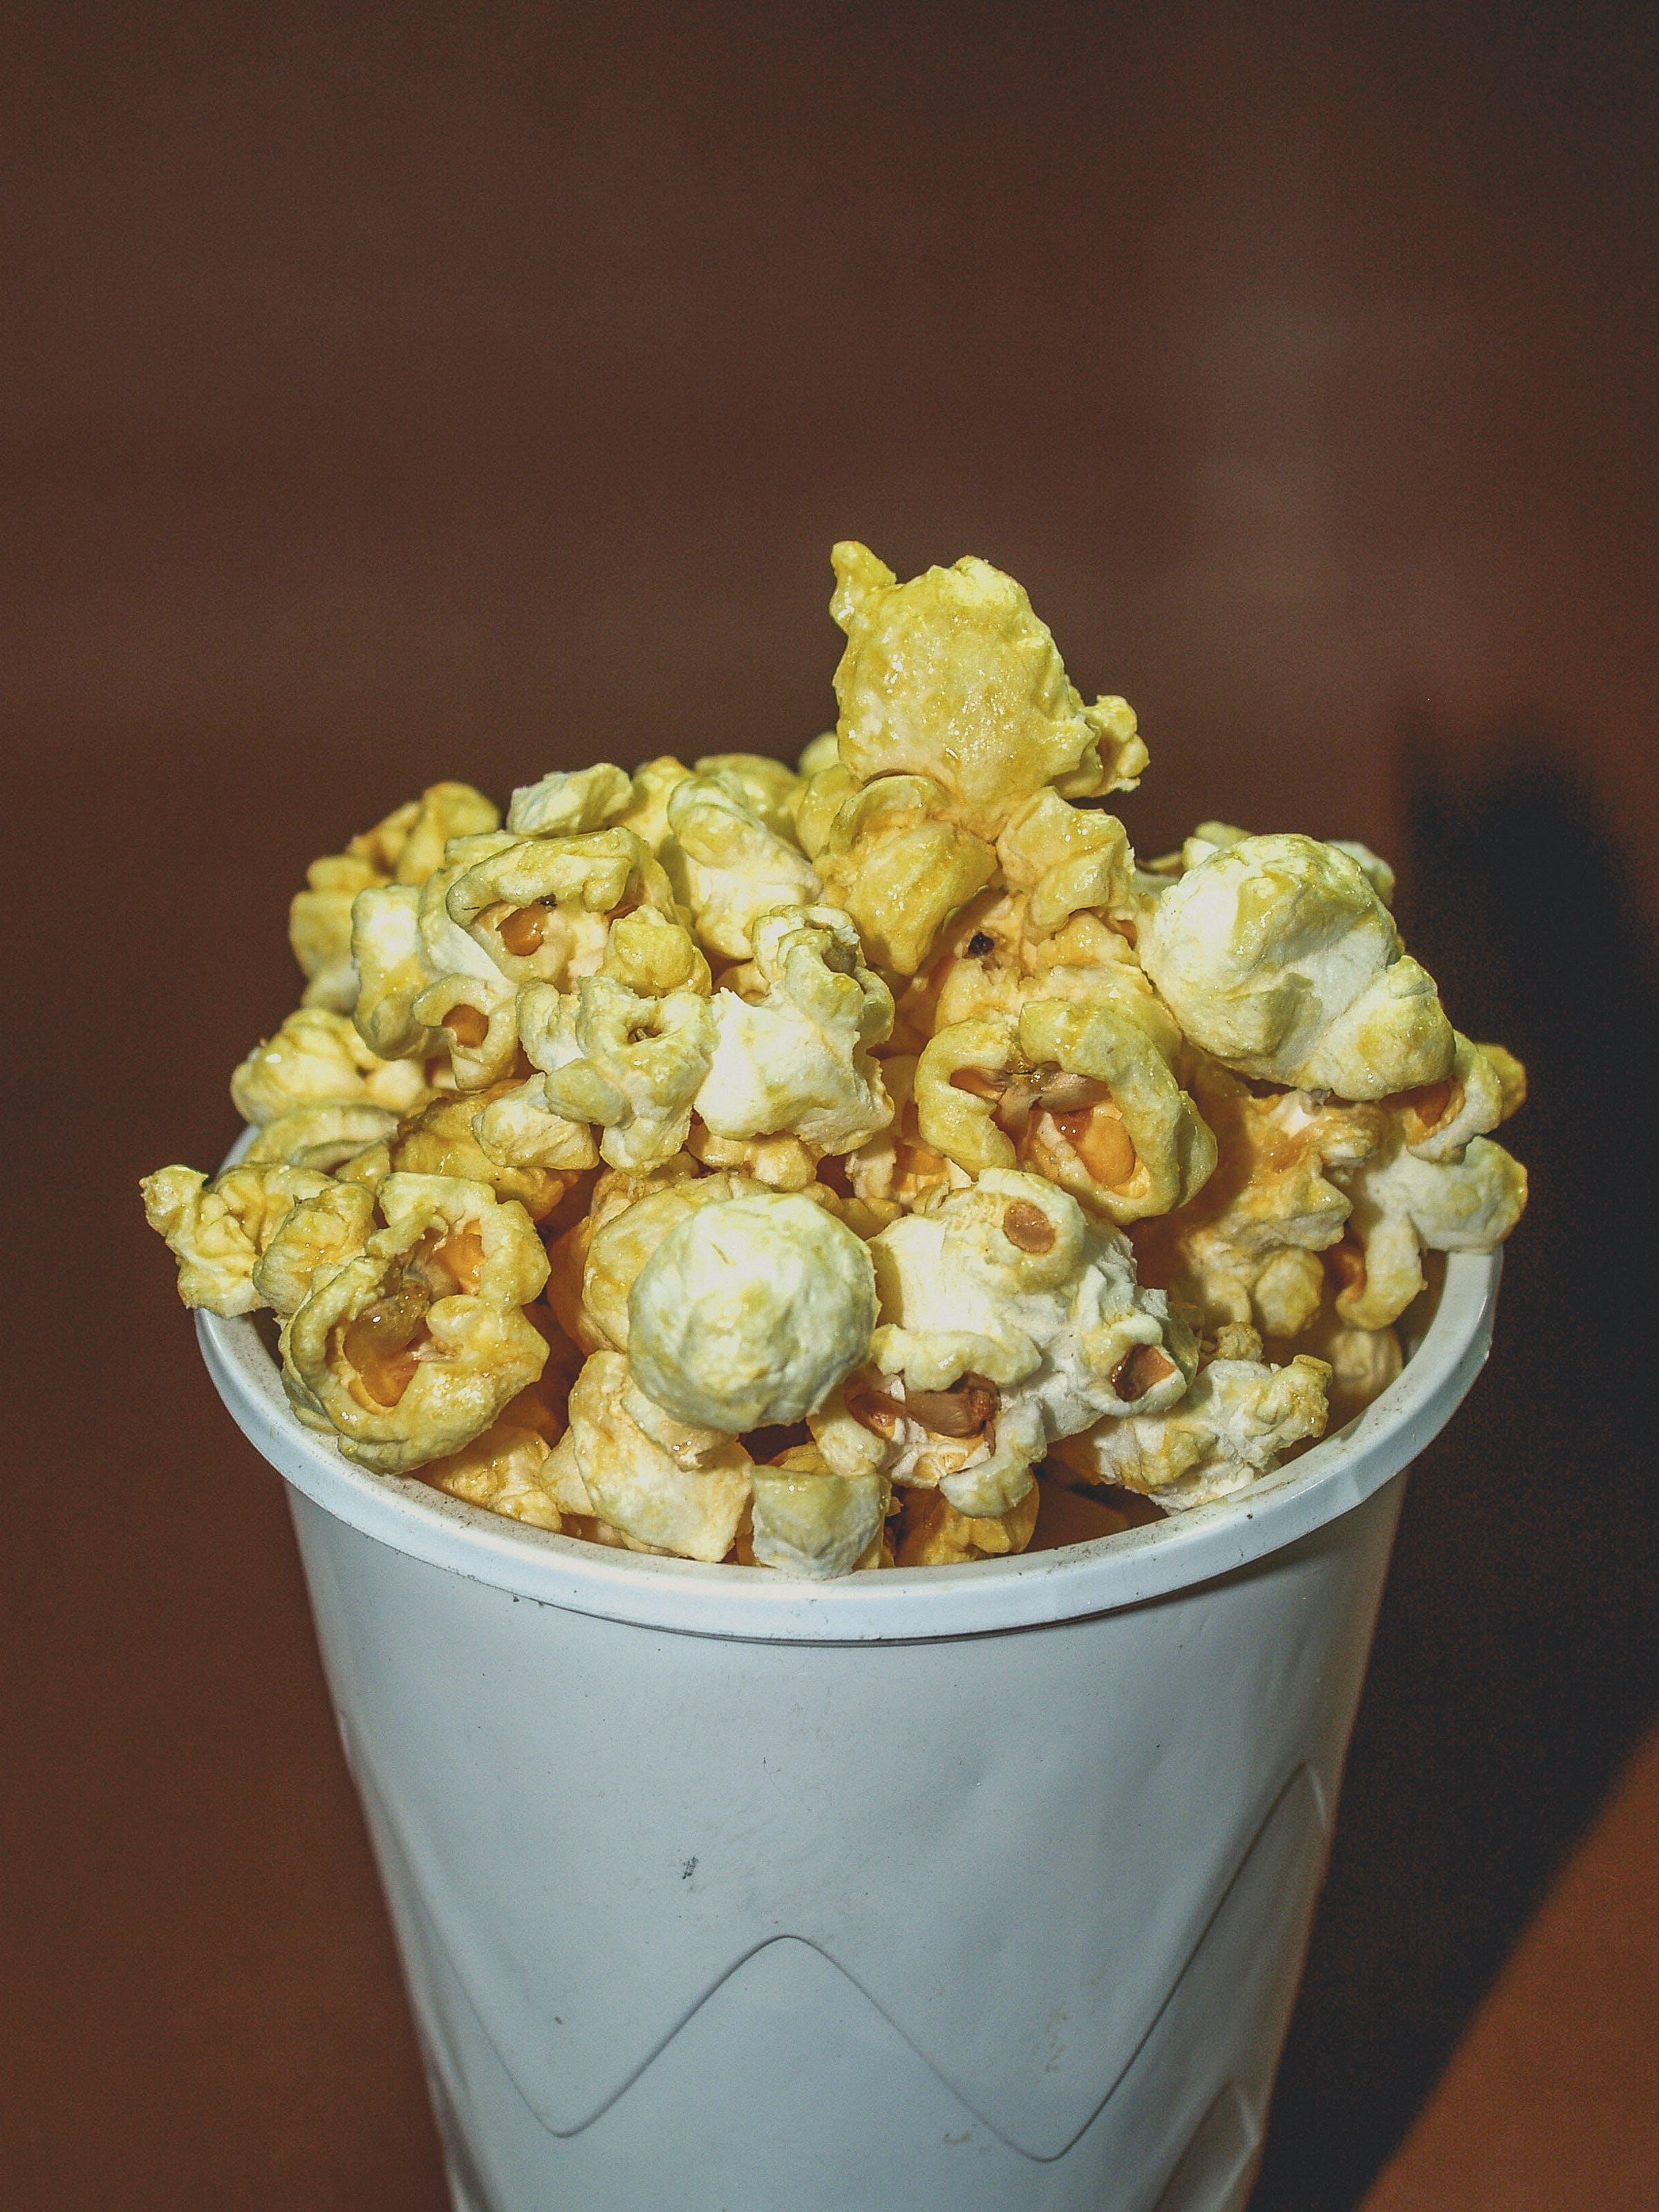 Kostenloses Stock Foto zu entertainment, essen, fast food, film